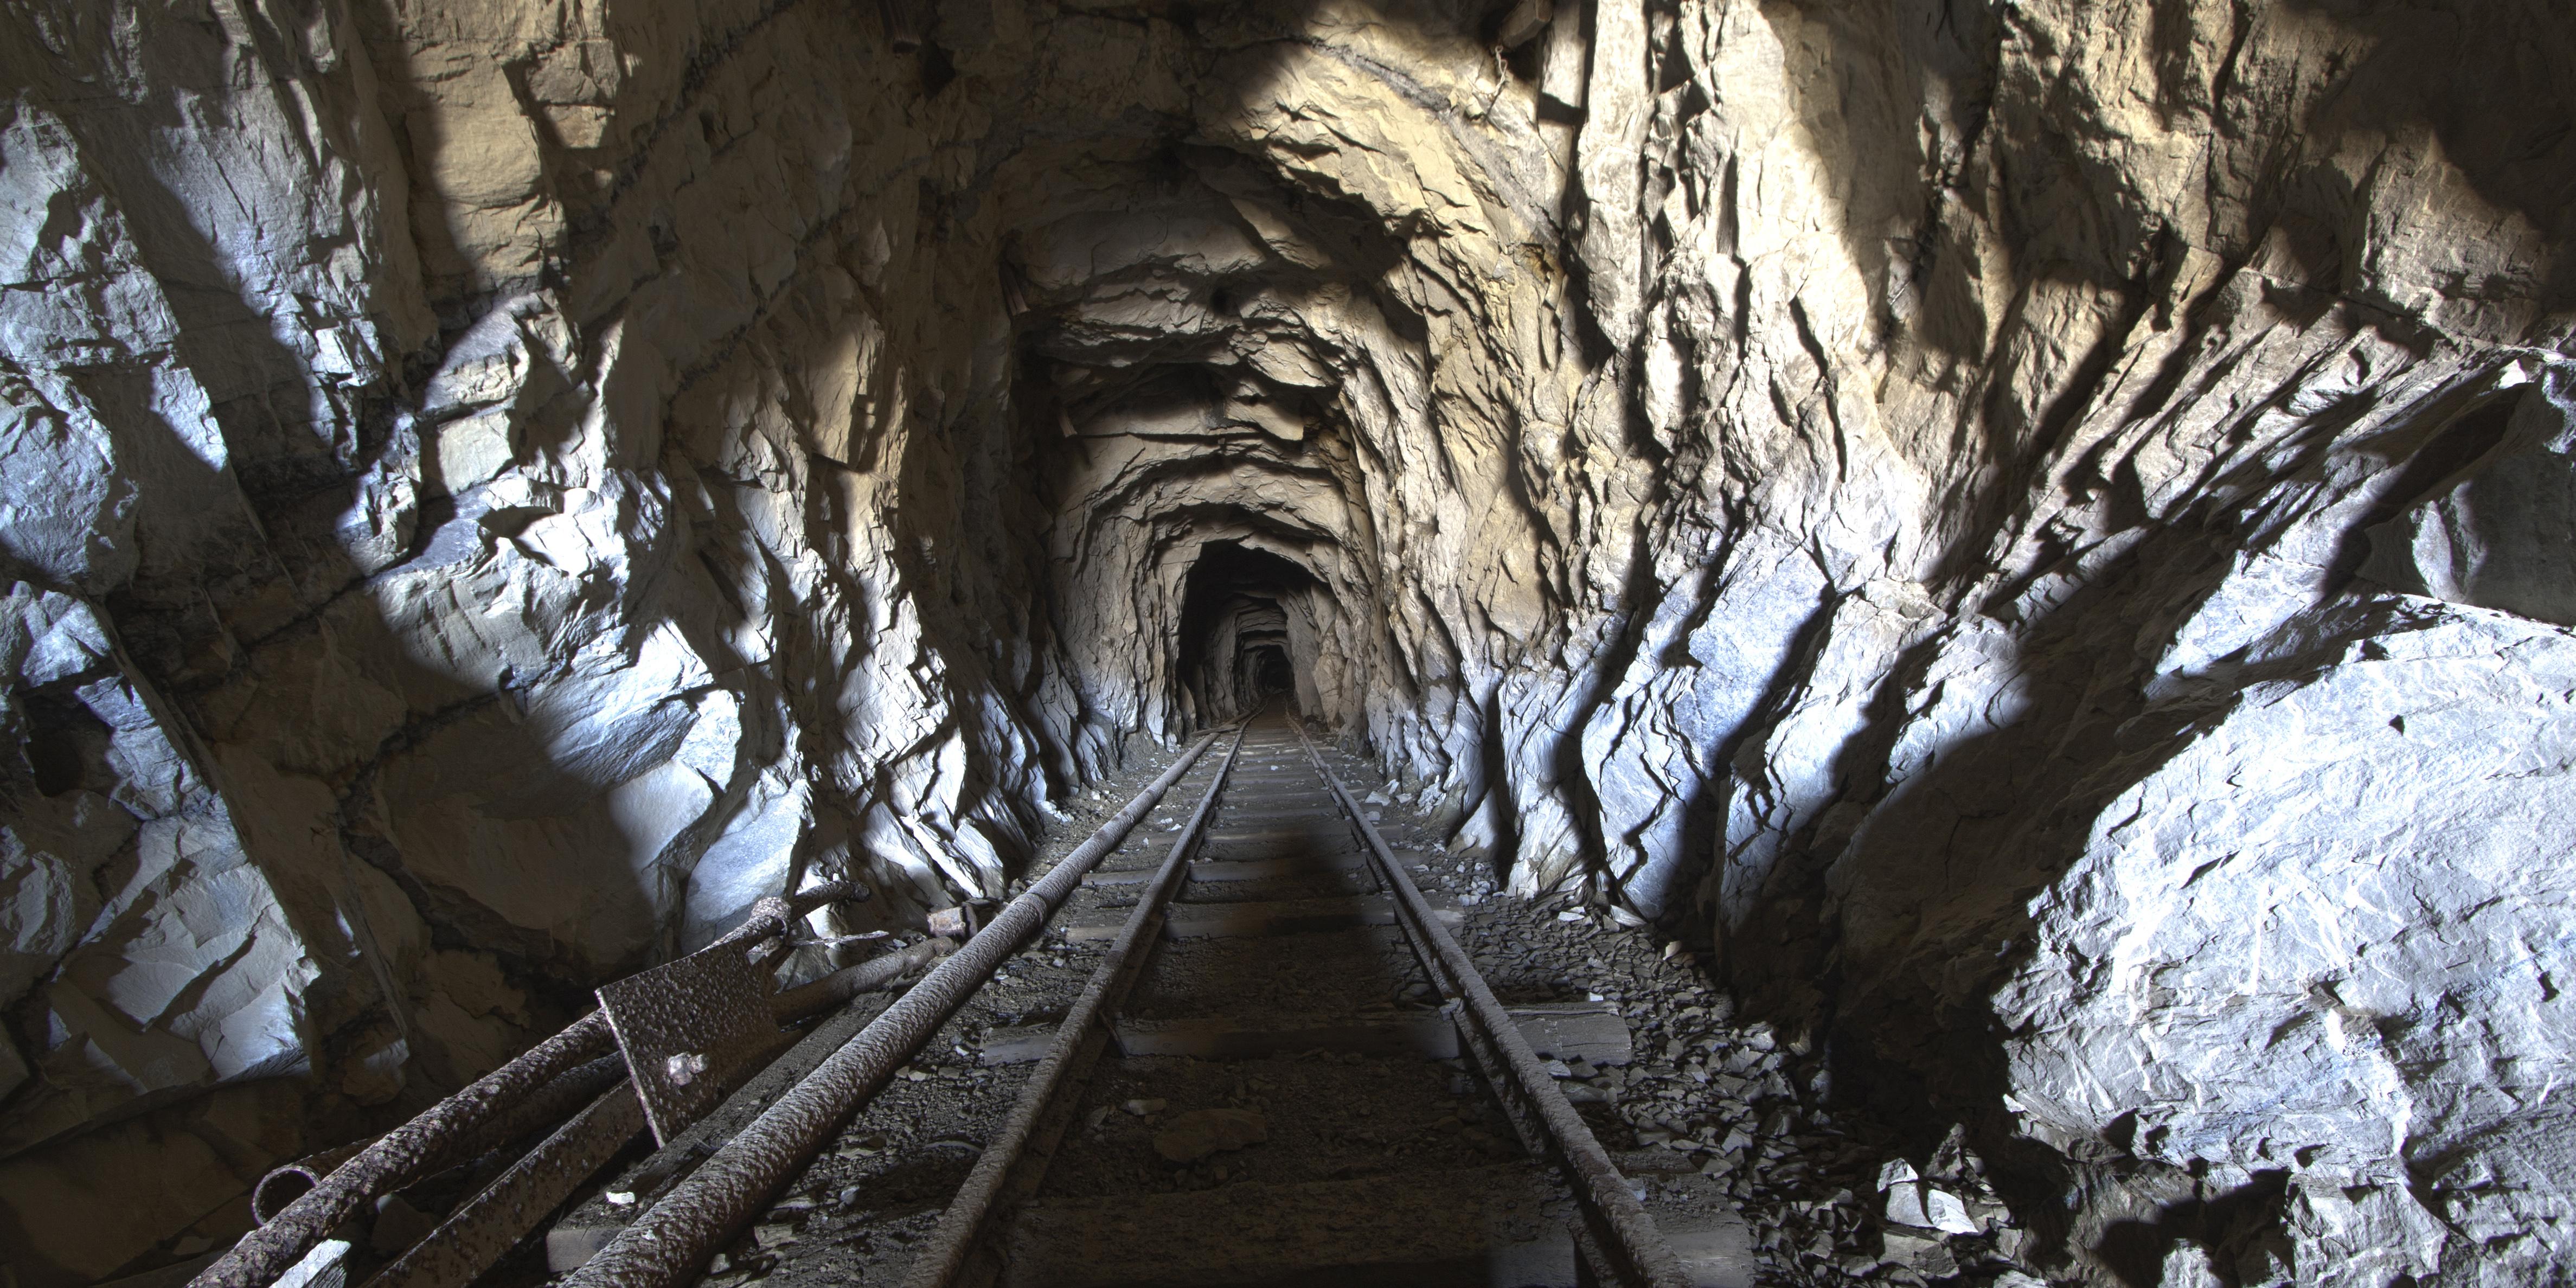 نیاز ۱۸ میلیارد دلاری سرمایه گذاری در زنجیره معدن و صنایع معدنی